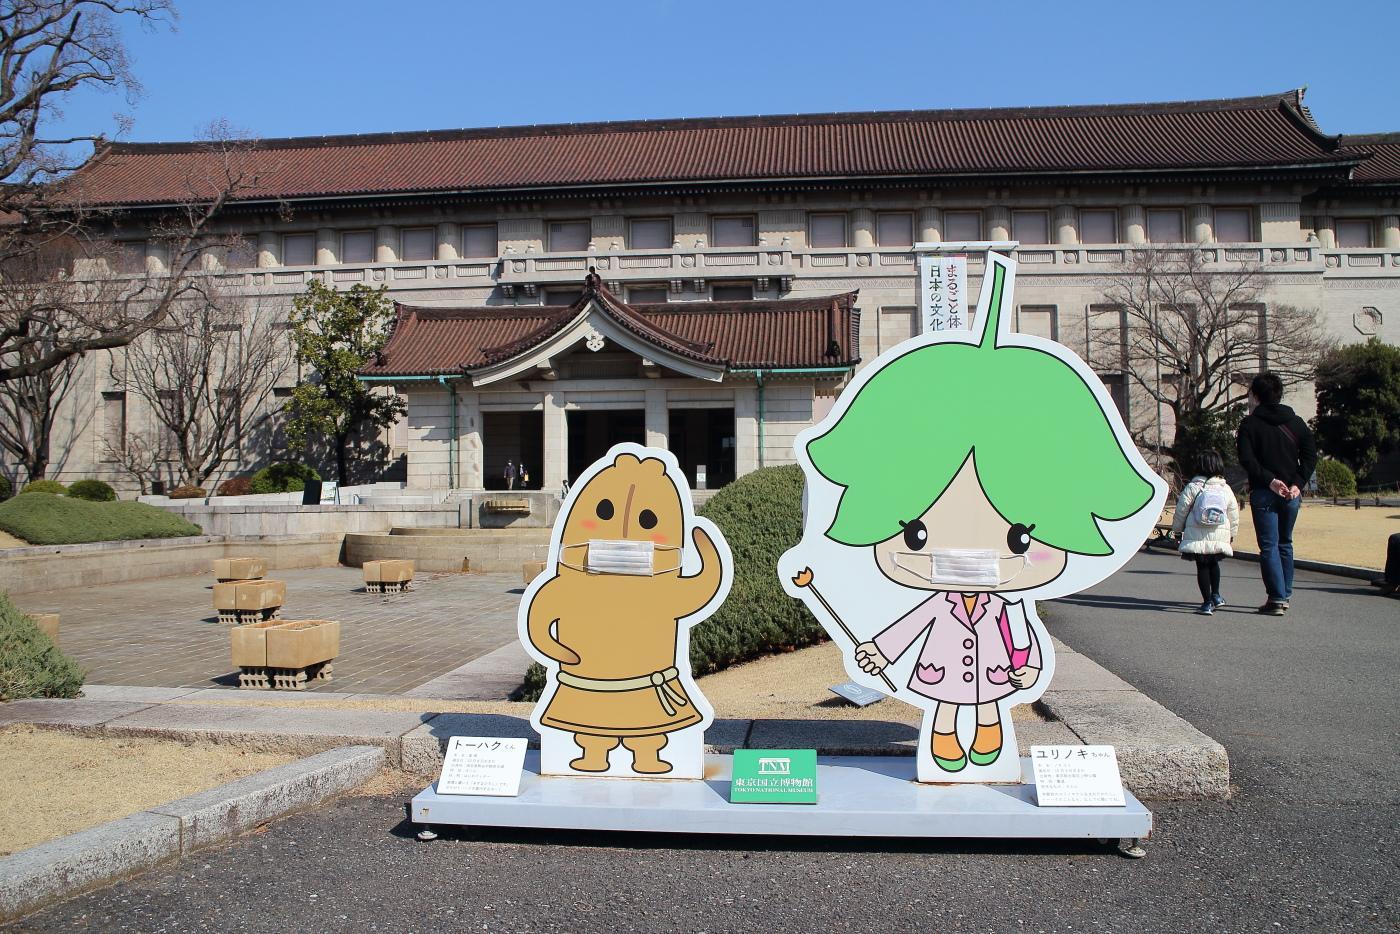 東京国立博物館で「日本のたてもの―自然素材を活かす伝統の技と知恵」開催中!親と子のギャラリー「まるごと体験!日本の文化」も!